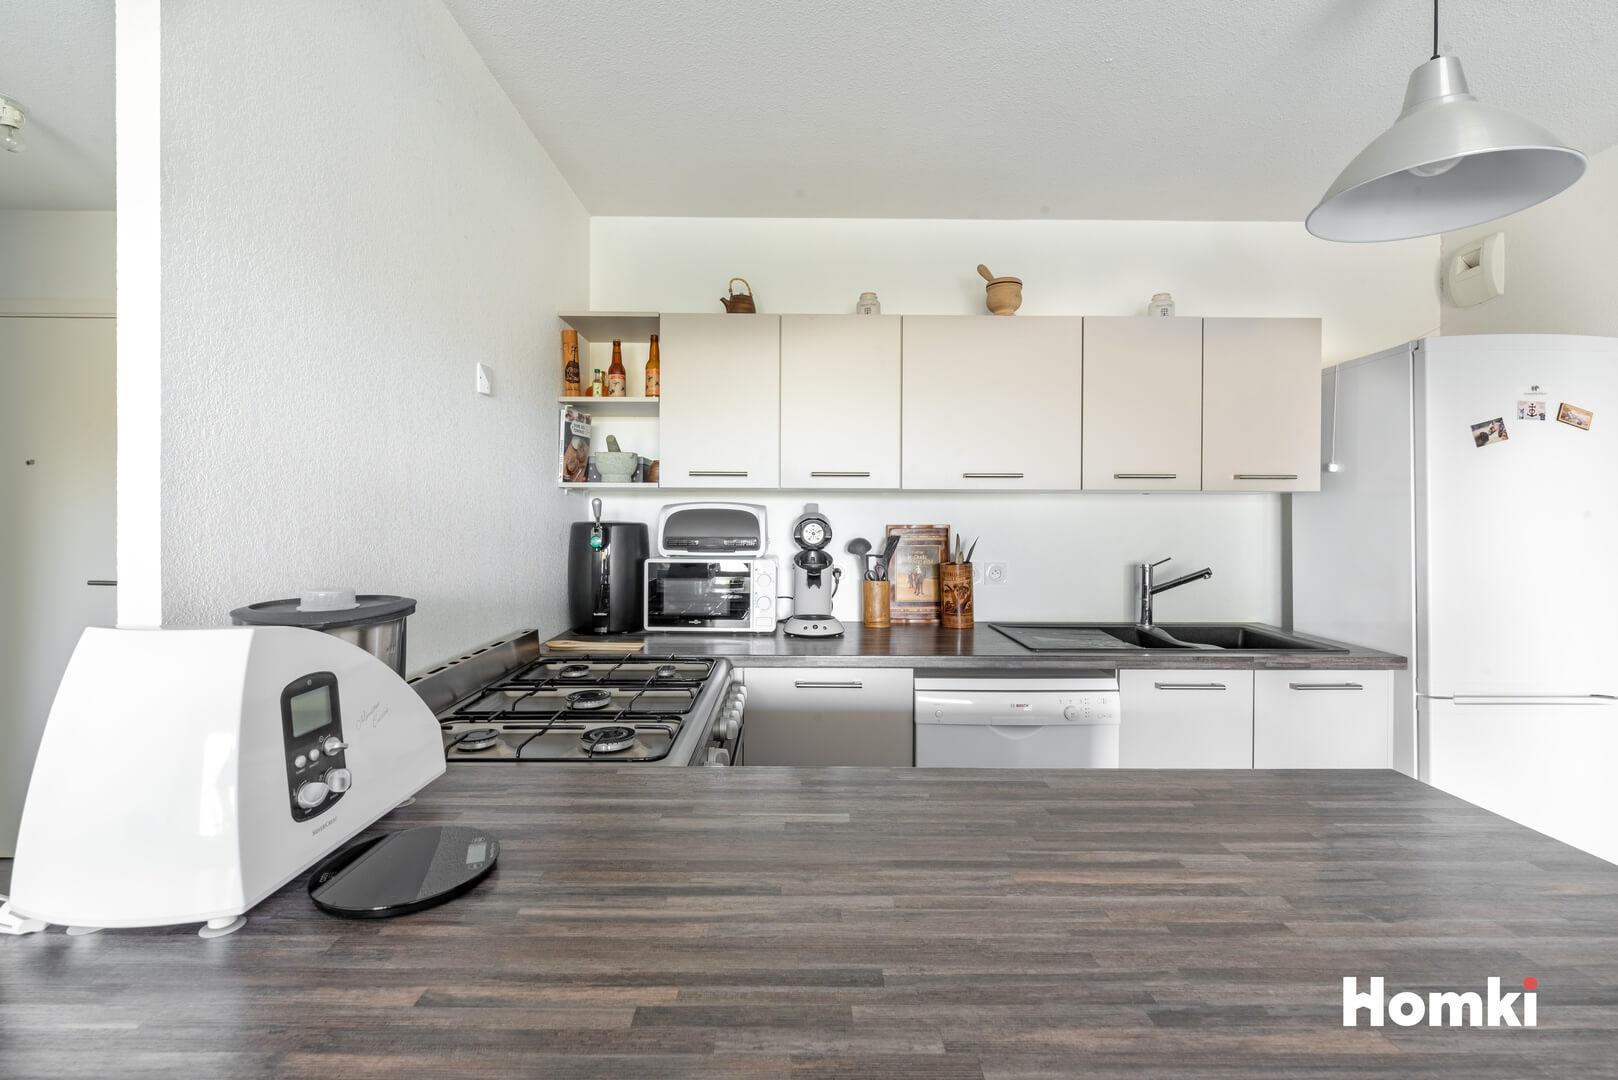 Homki - Vente Appartement  de 65.0 m² à Juvignac 34990